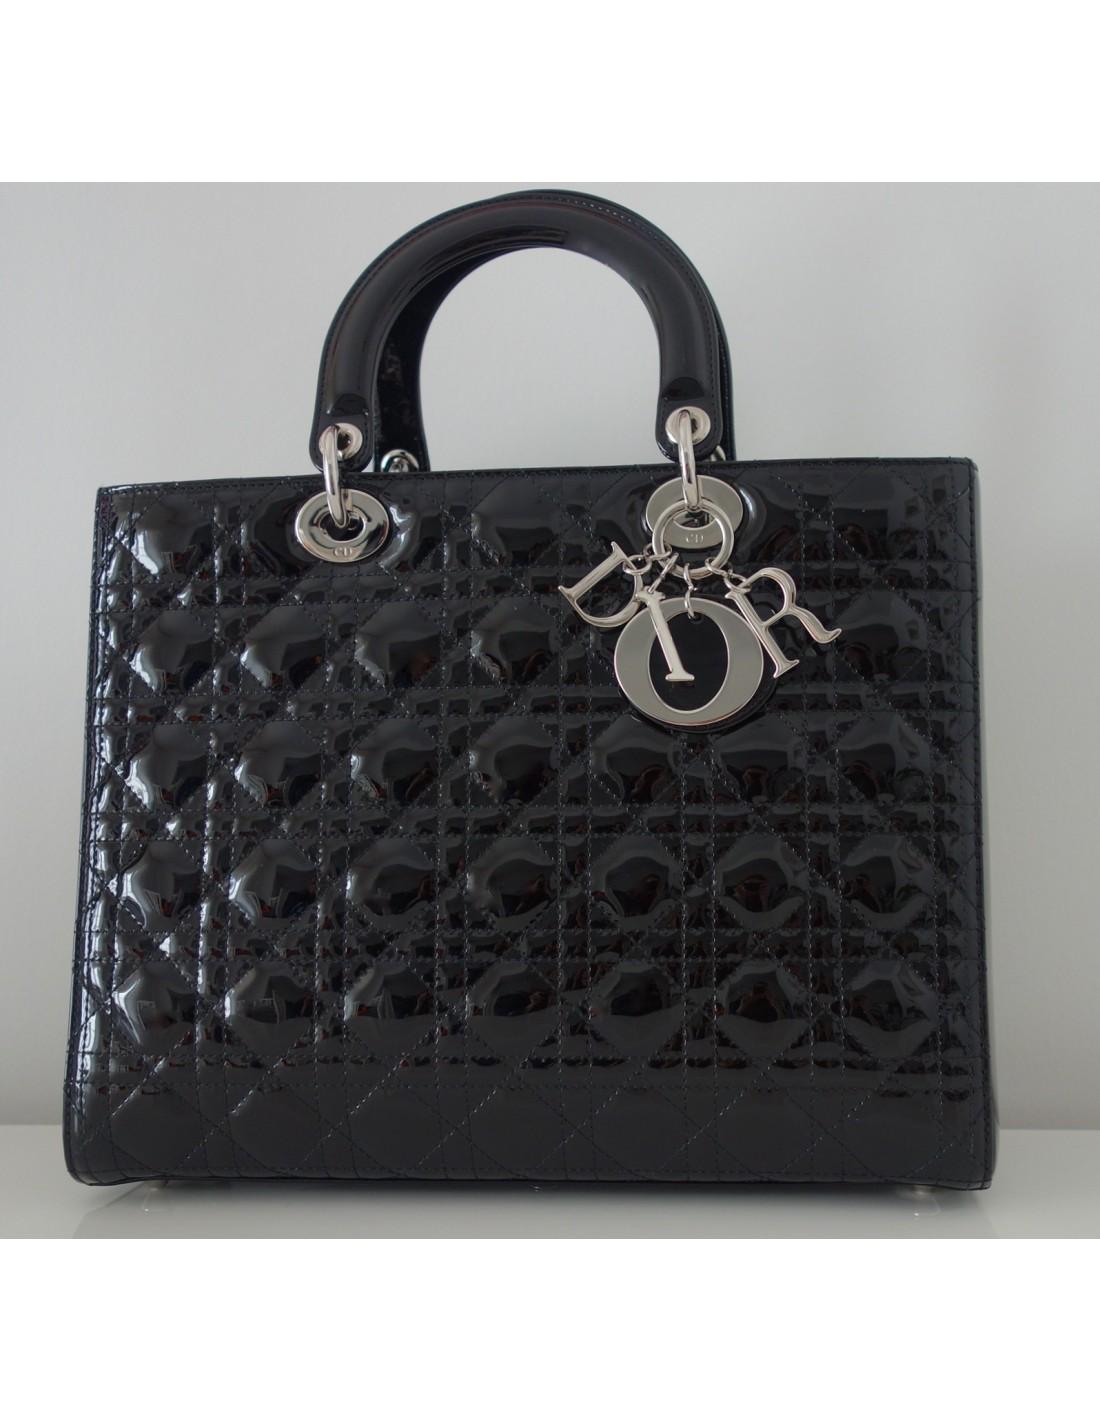 8fe7195e5ab SAC LADY DIOR VERNI NOIR GRAND MODELE - Atoutluxe Boutique